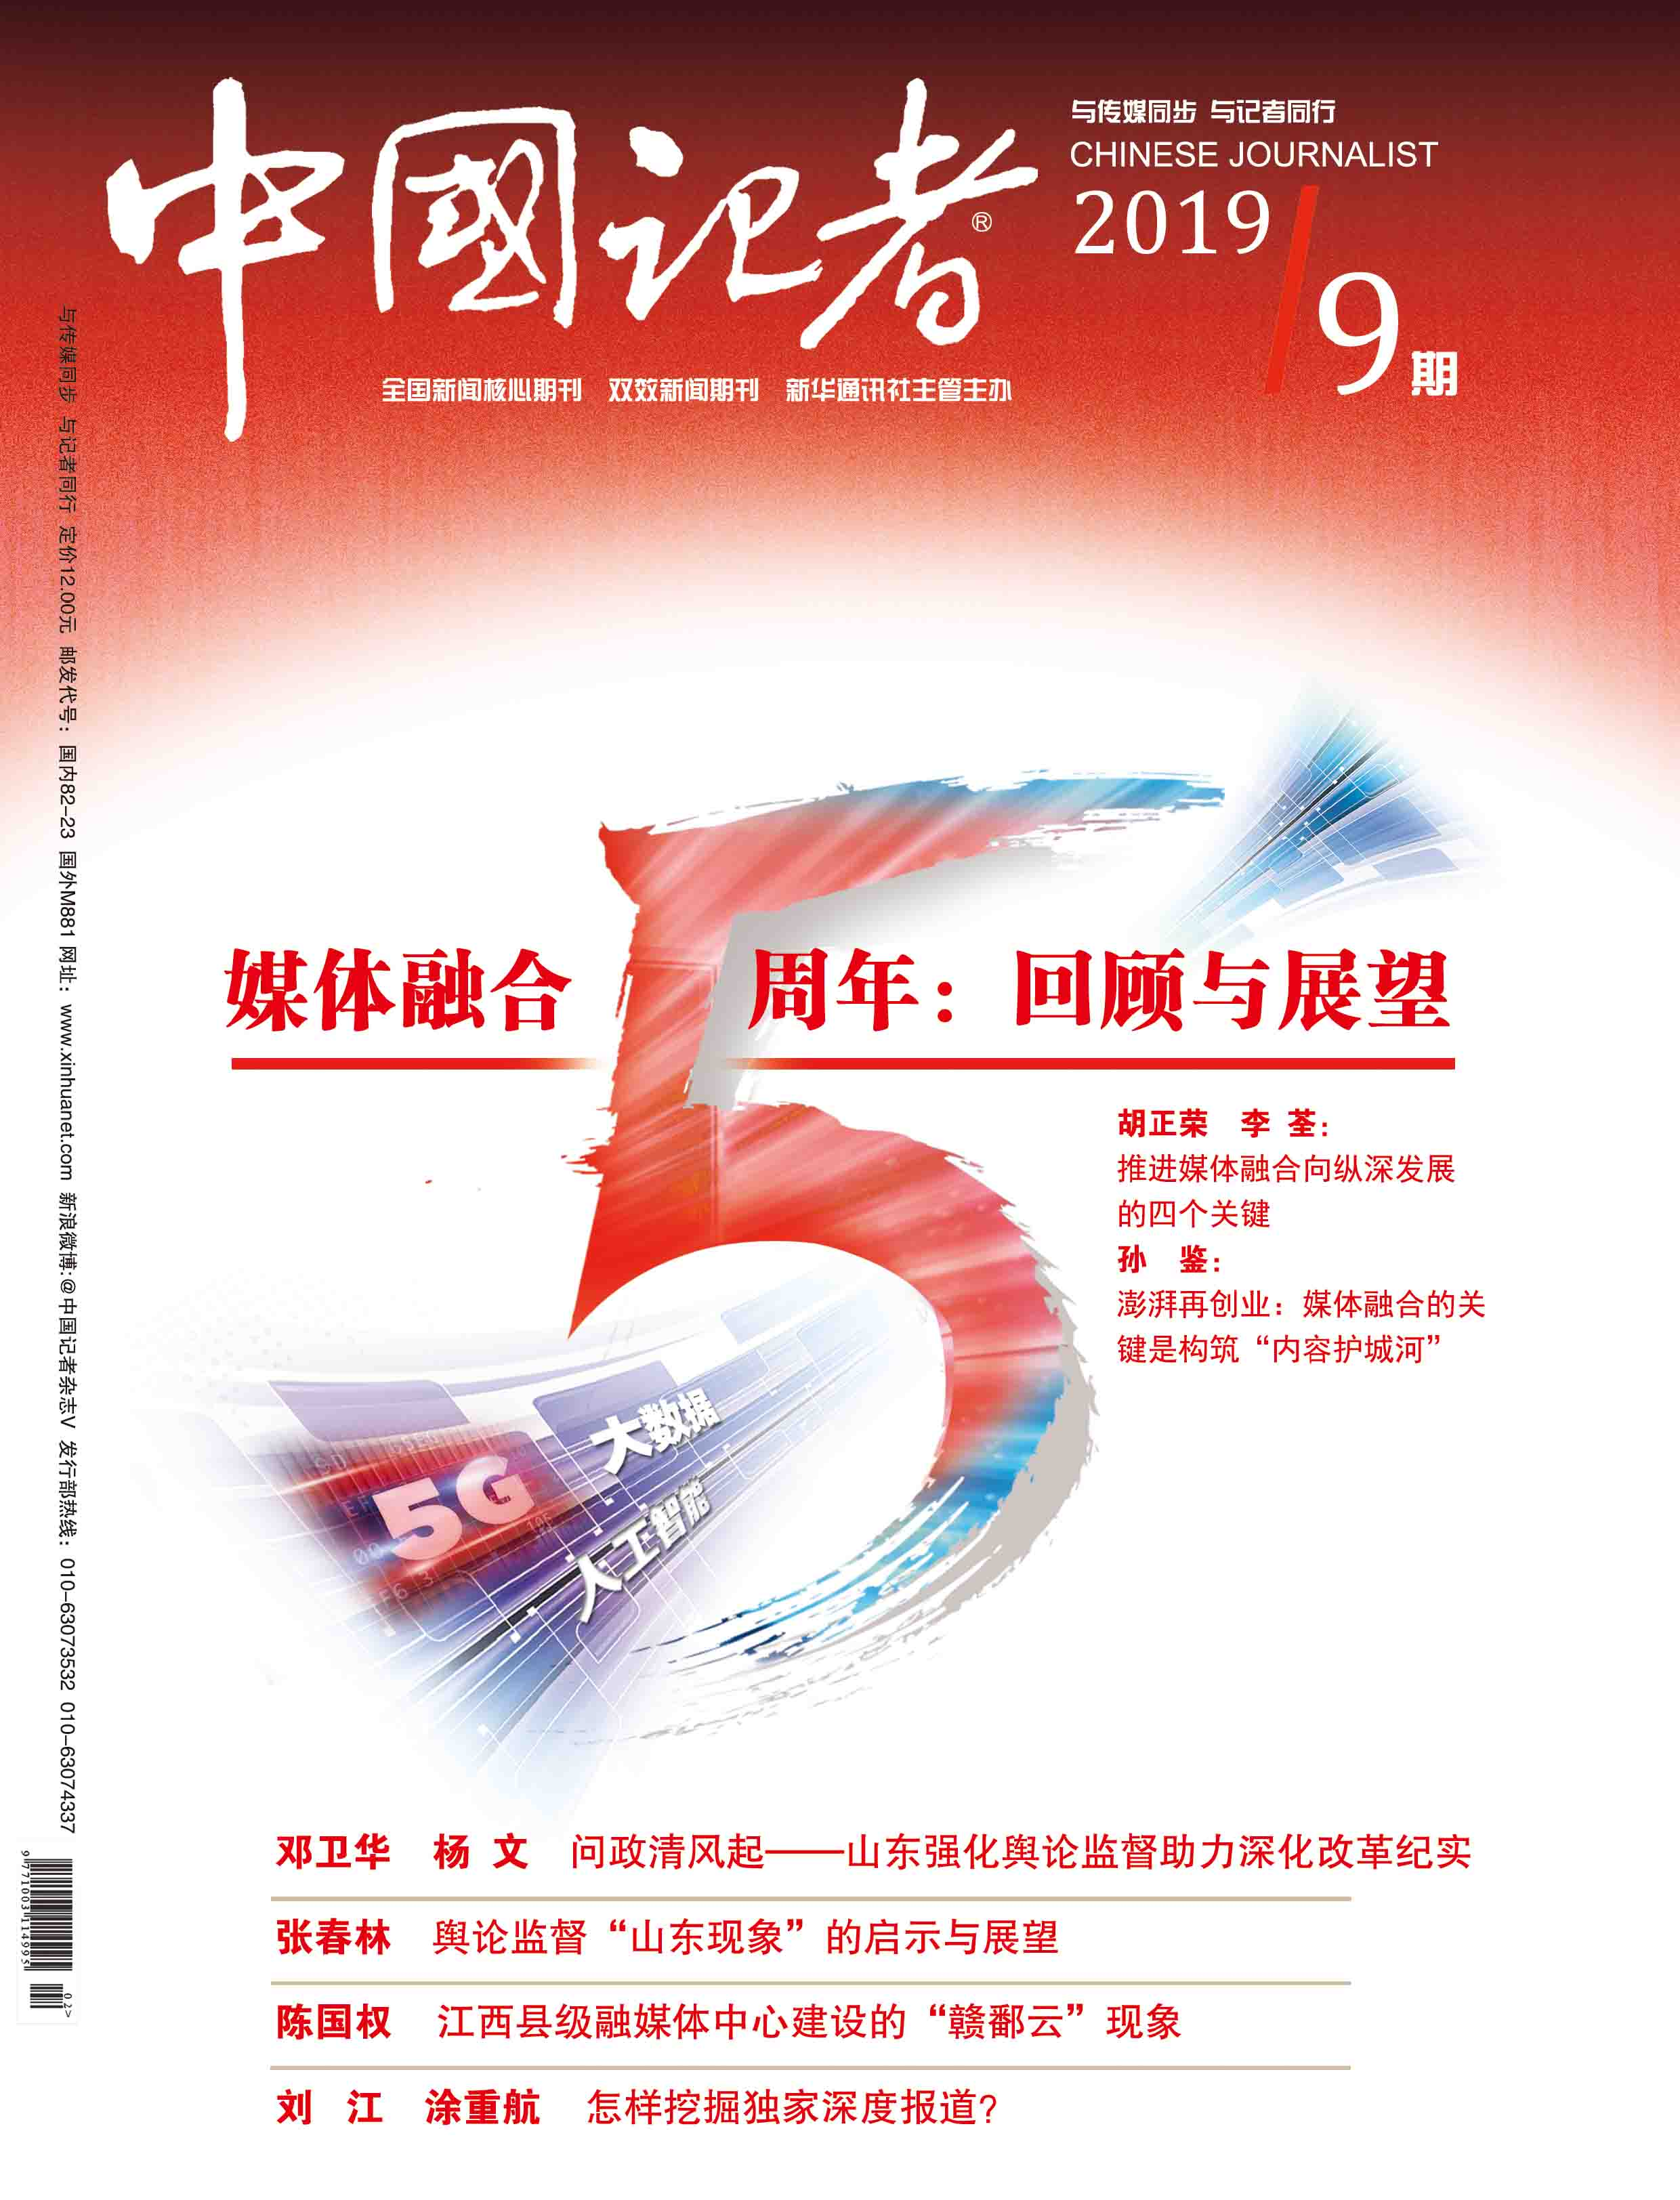 中國記者2019年第9期封面